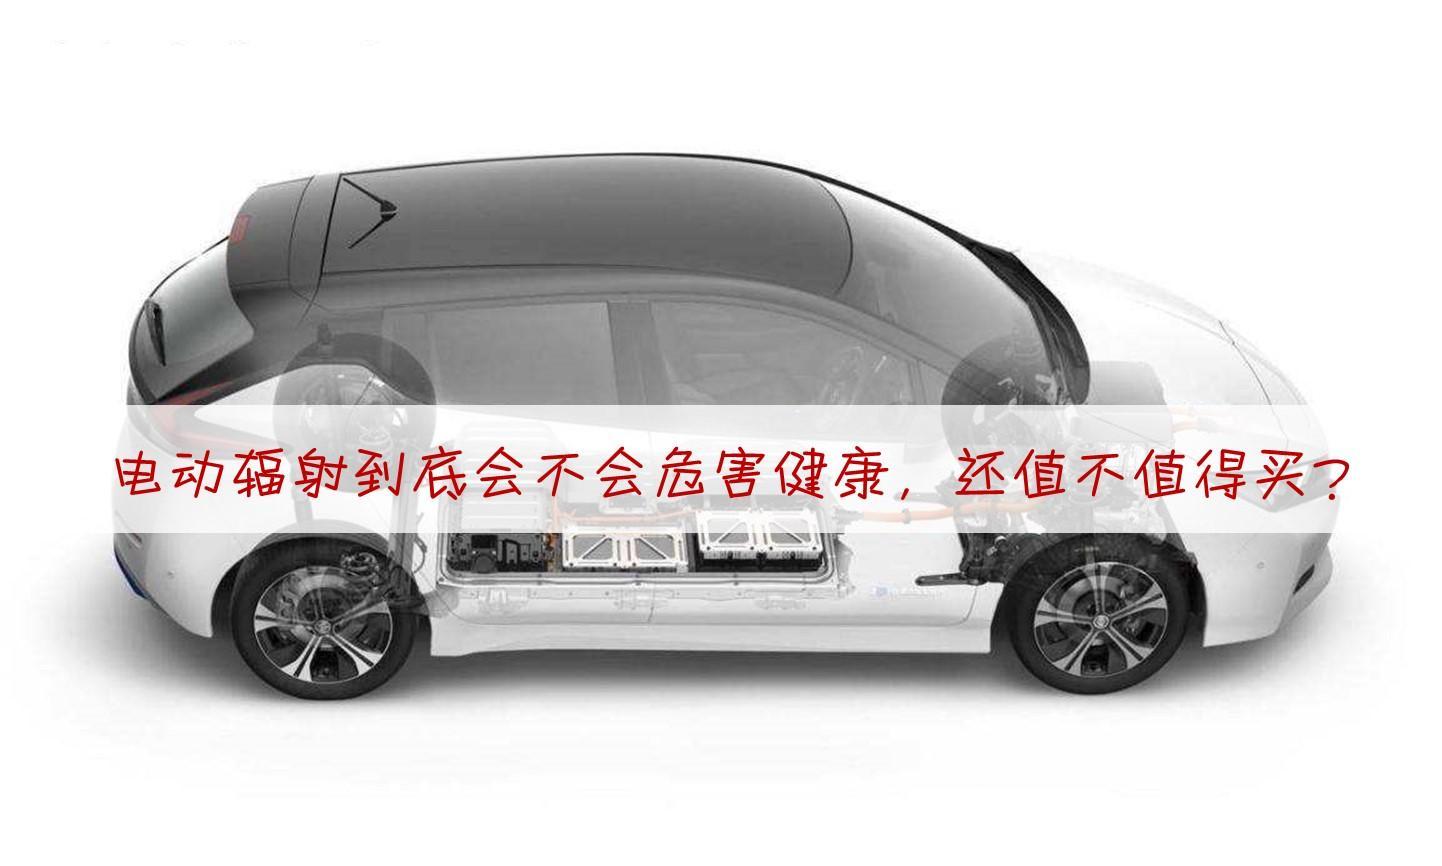 电动车辐射大吗?中国汽车健康指数说出真相,不要道听途说